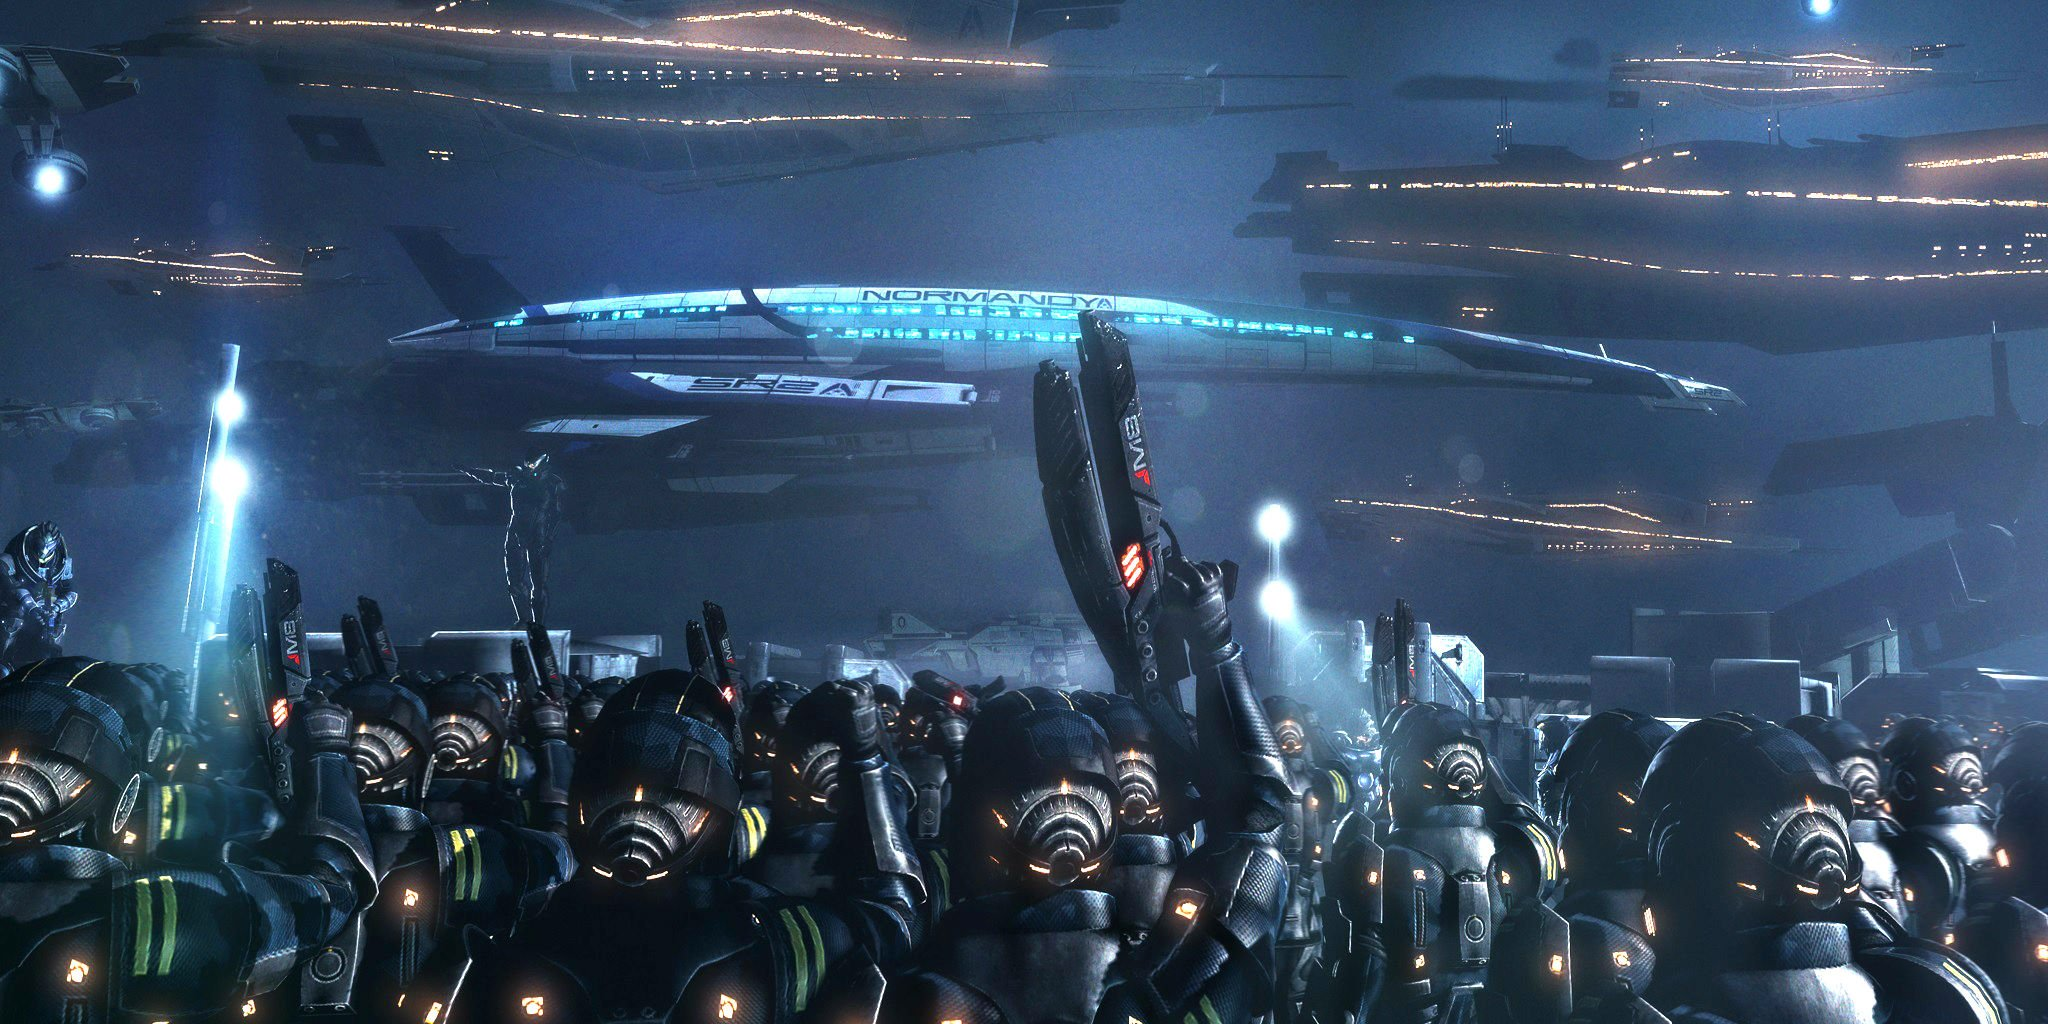 Mass Effect Andromeda Desktop Wallpaper: Mass Effect Andromeda Wallpaper